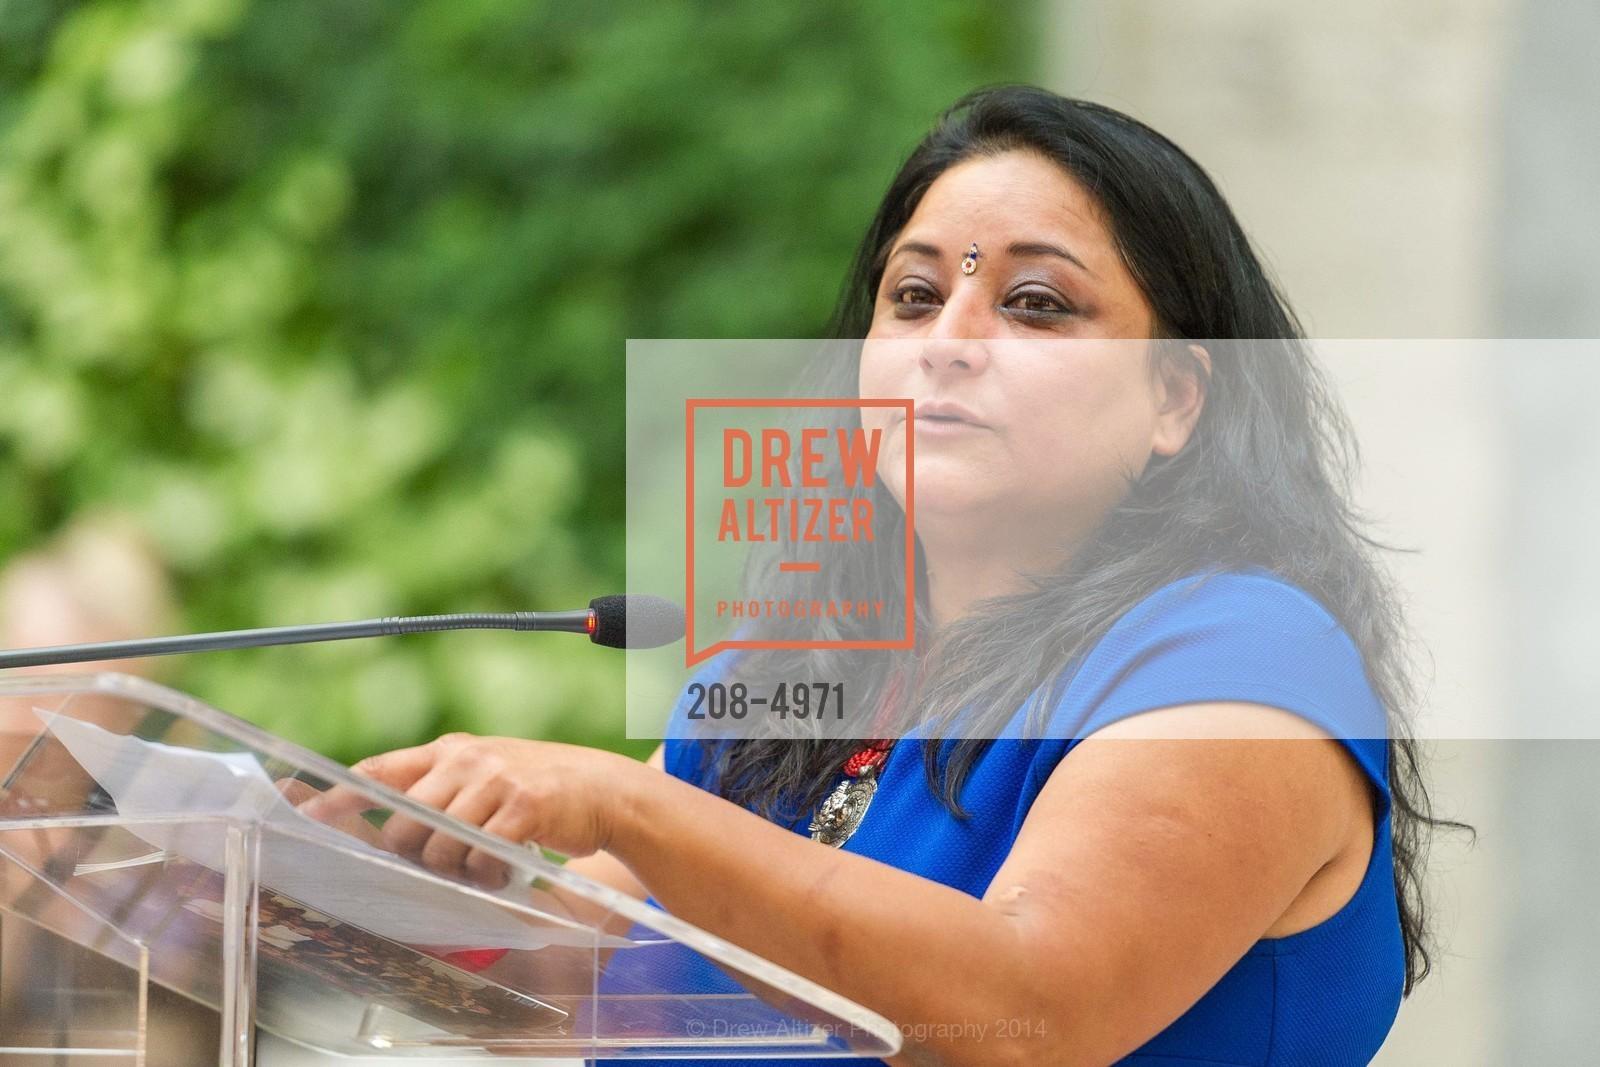 Bini Pradhan, Photo #208-4971